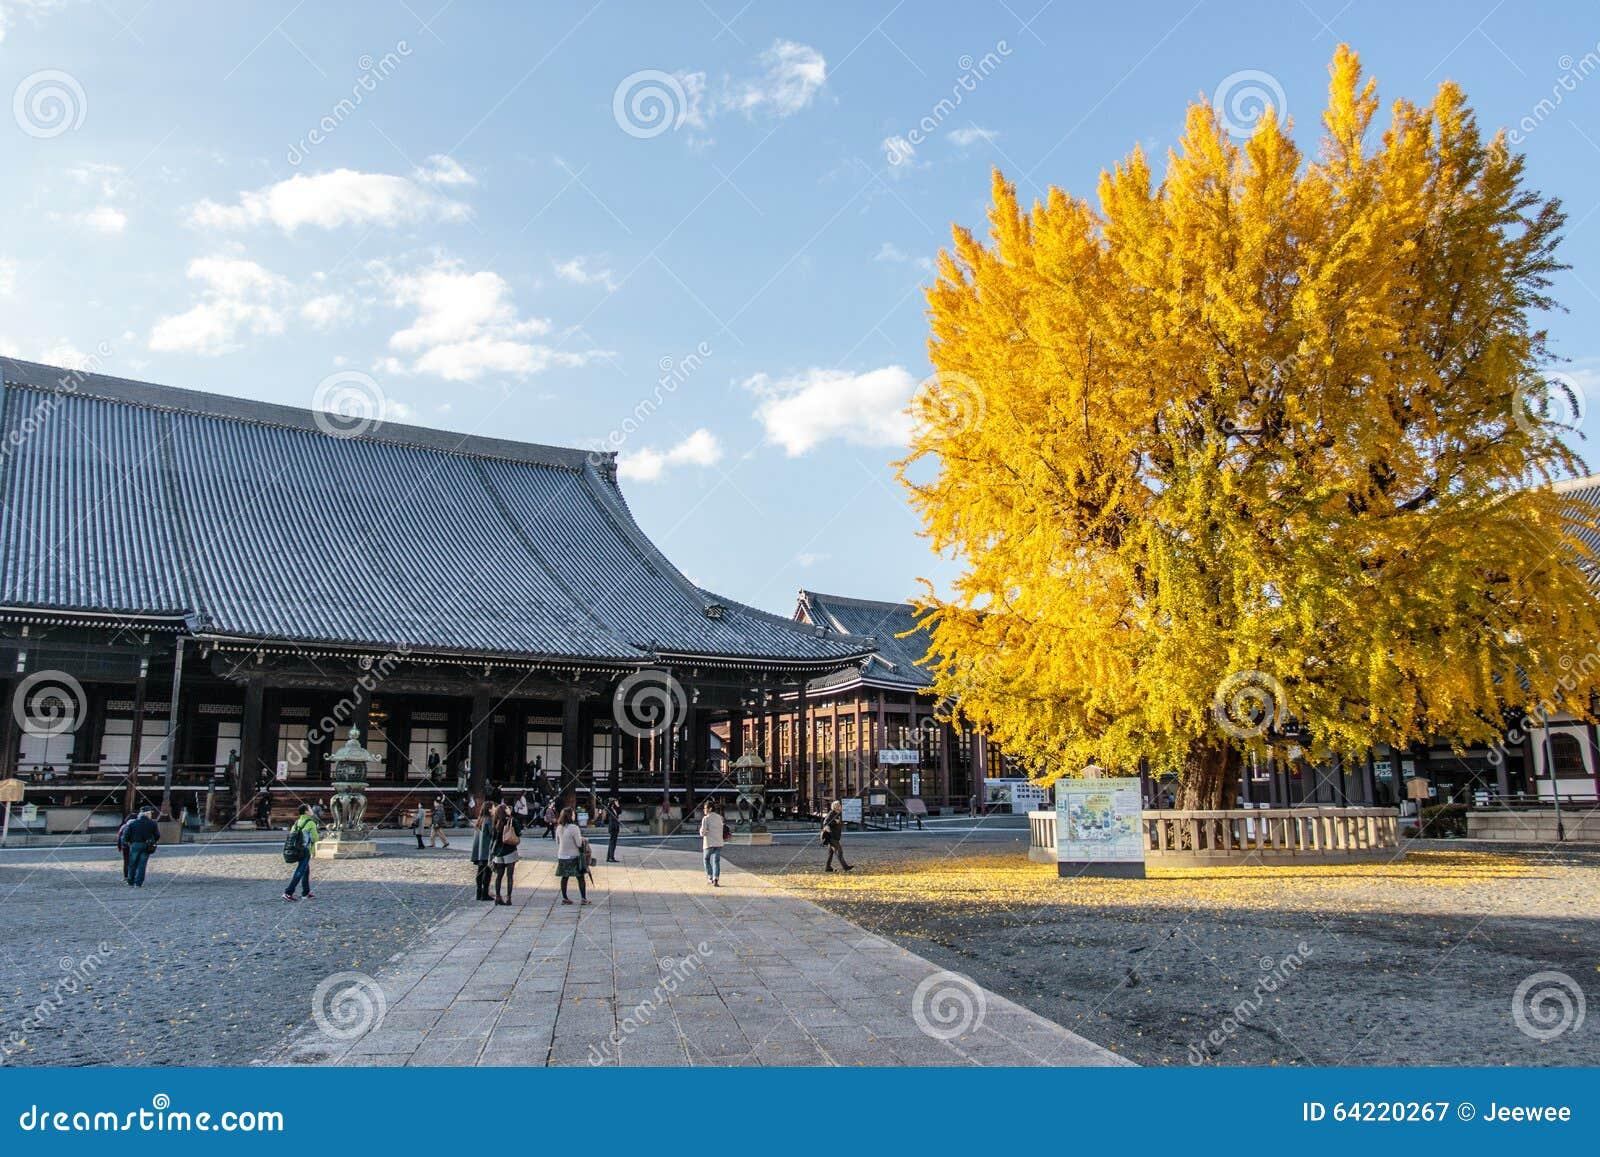 Temple de Nishi Hongan-JI - un temple de Shinto au centre de Kyoto - Honshu - le Japon